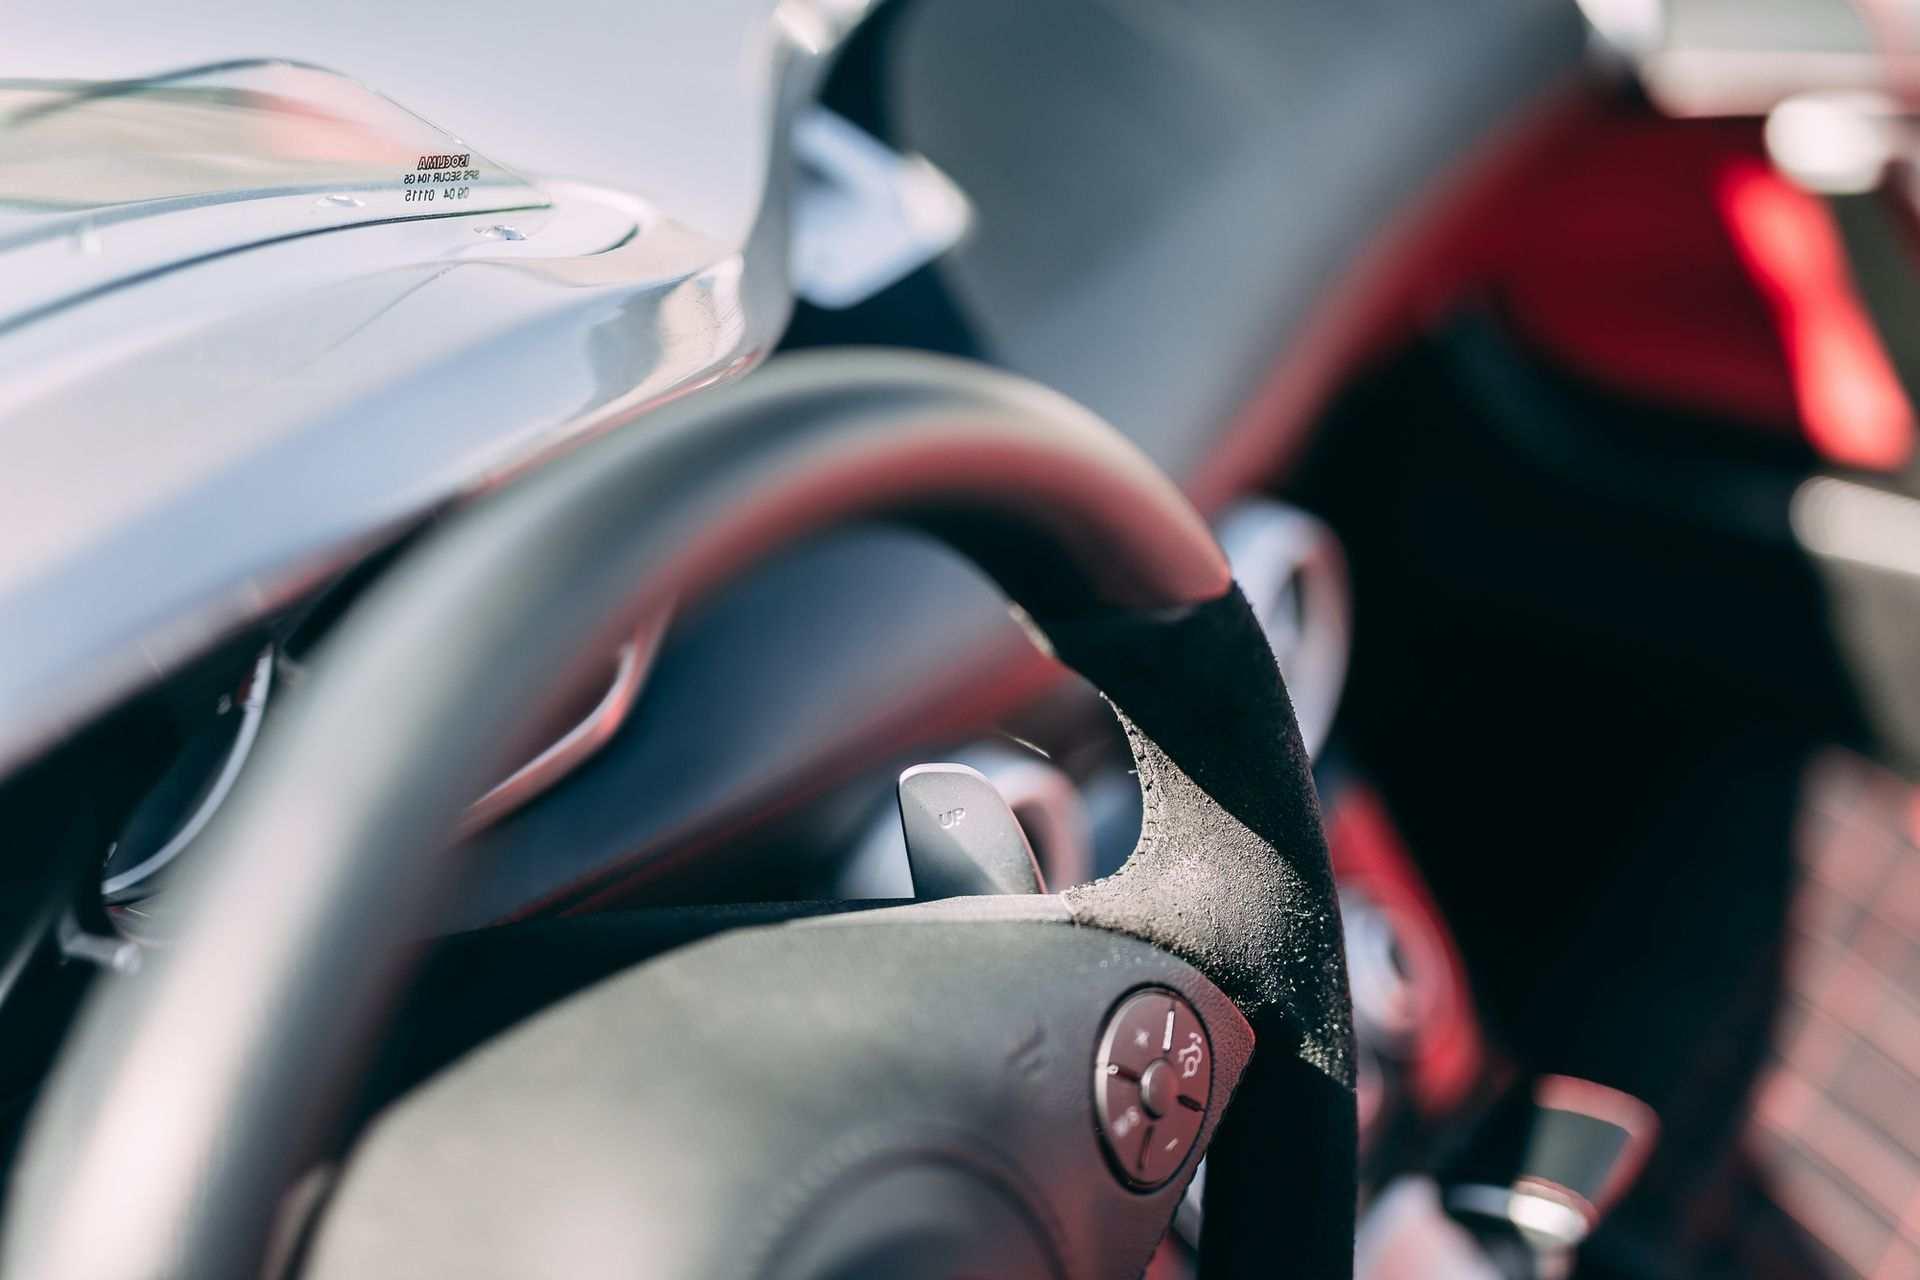 2009-Mercedes-Benz-SLR-McLaren-Stirling-Moss-_18